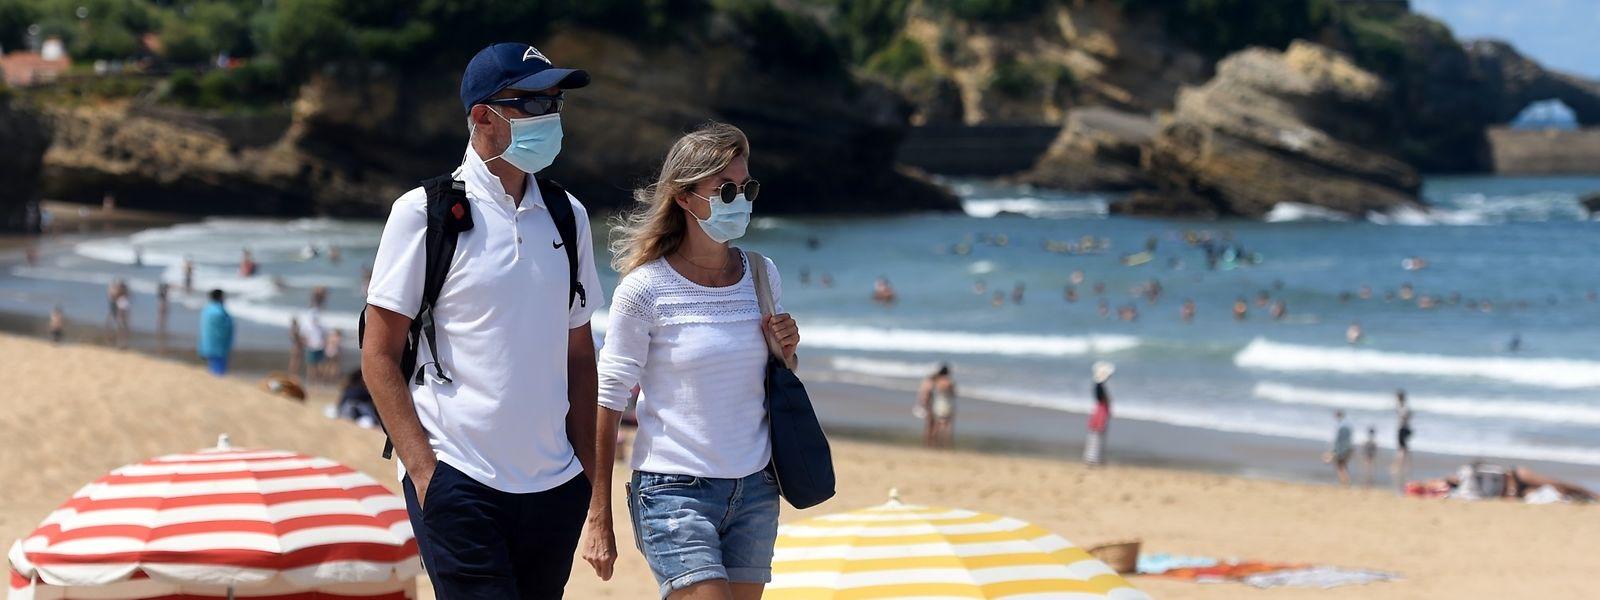 Alors que seules 8,2% des infections étaient attribuées aux voyages fin juin, leur part a triplé aujourd'hui. Mais cela ne veut pas dire que les touristes sont plus porteurs du virus.